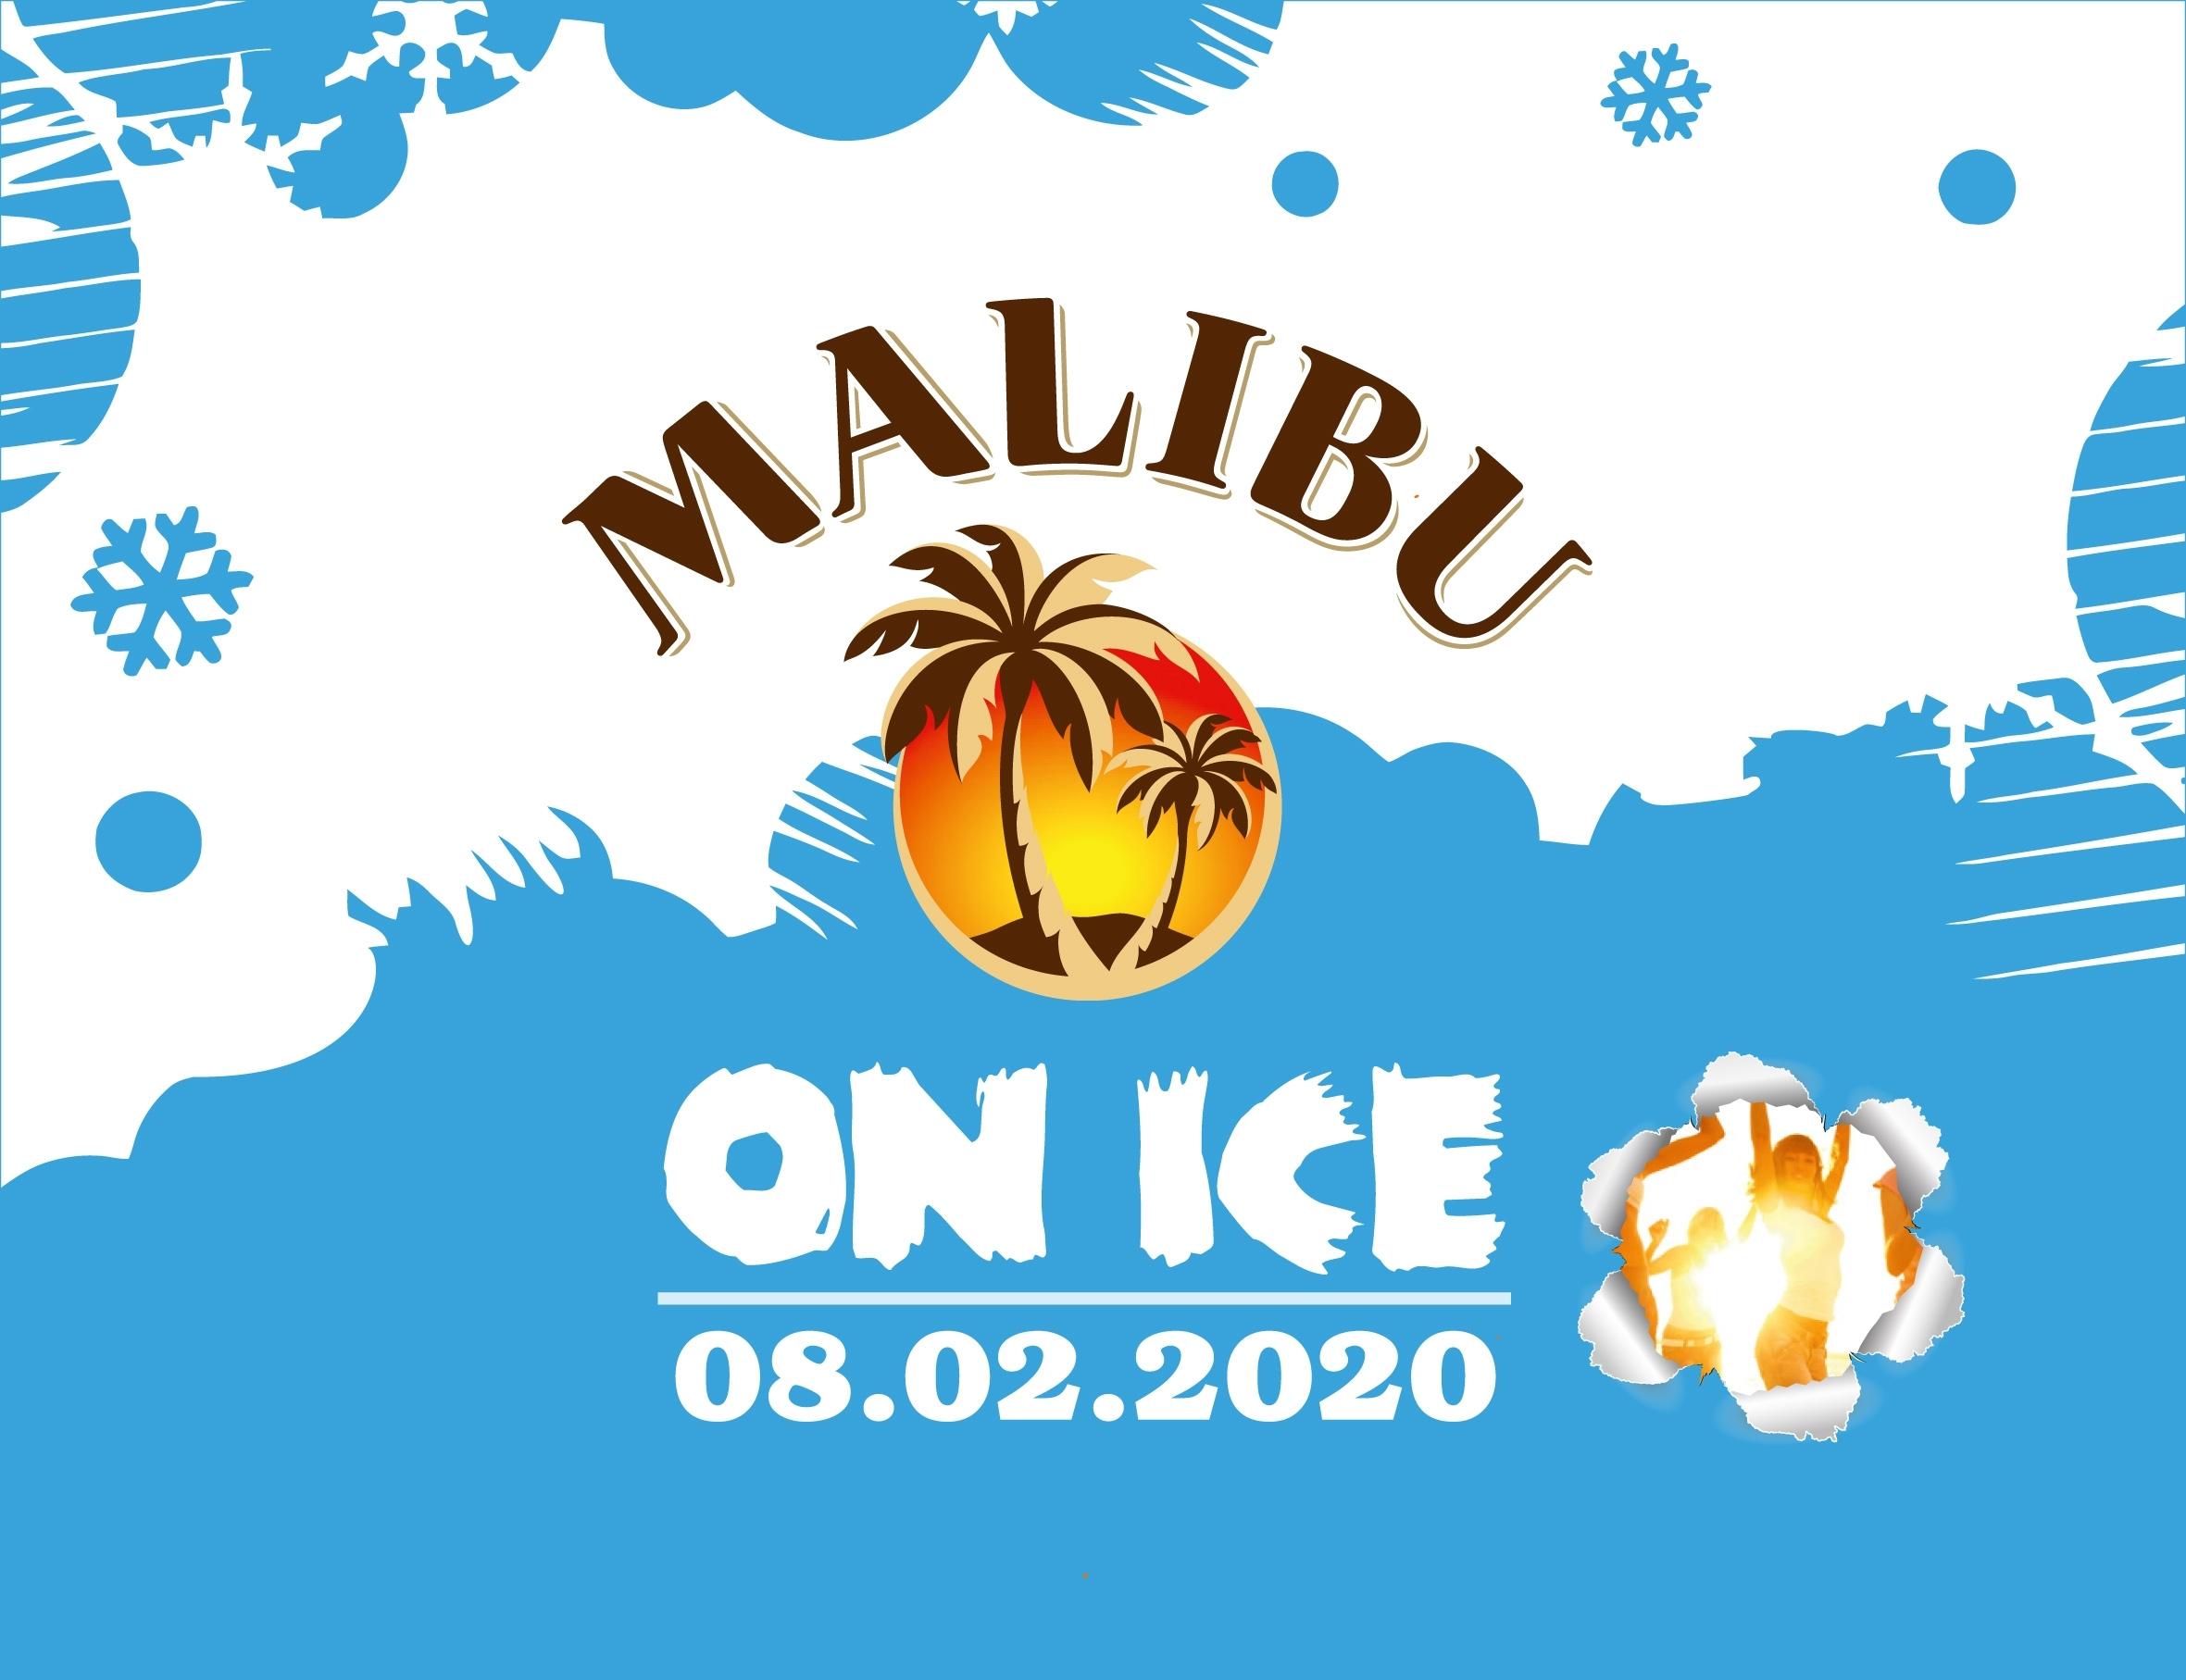 Malibu on Ice 2020